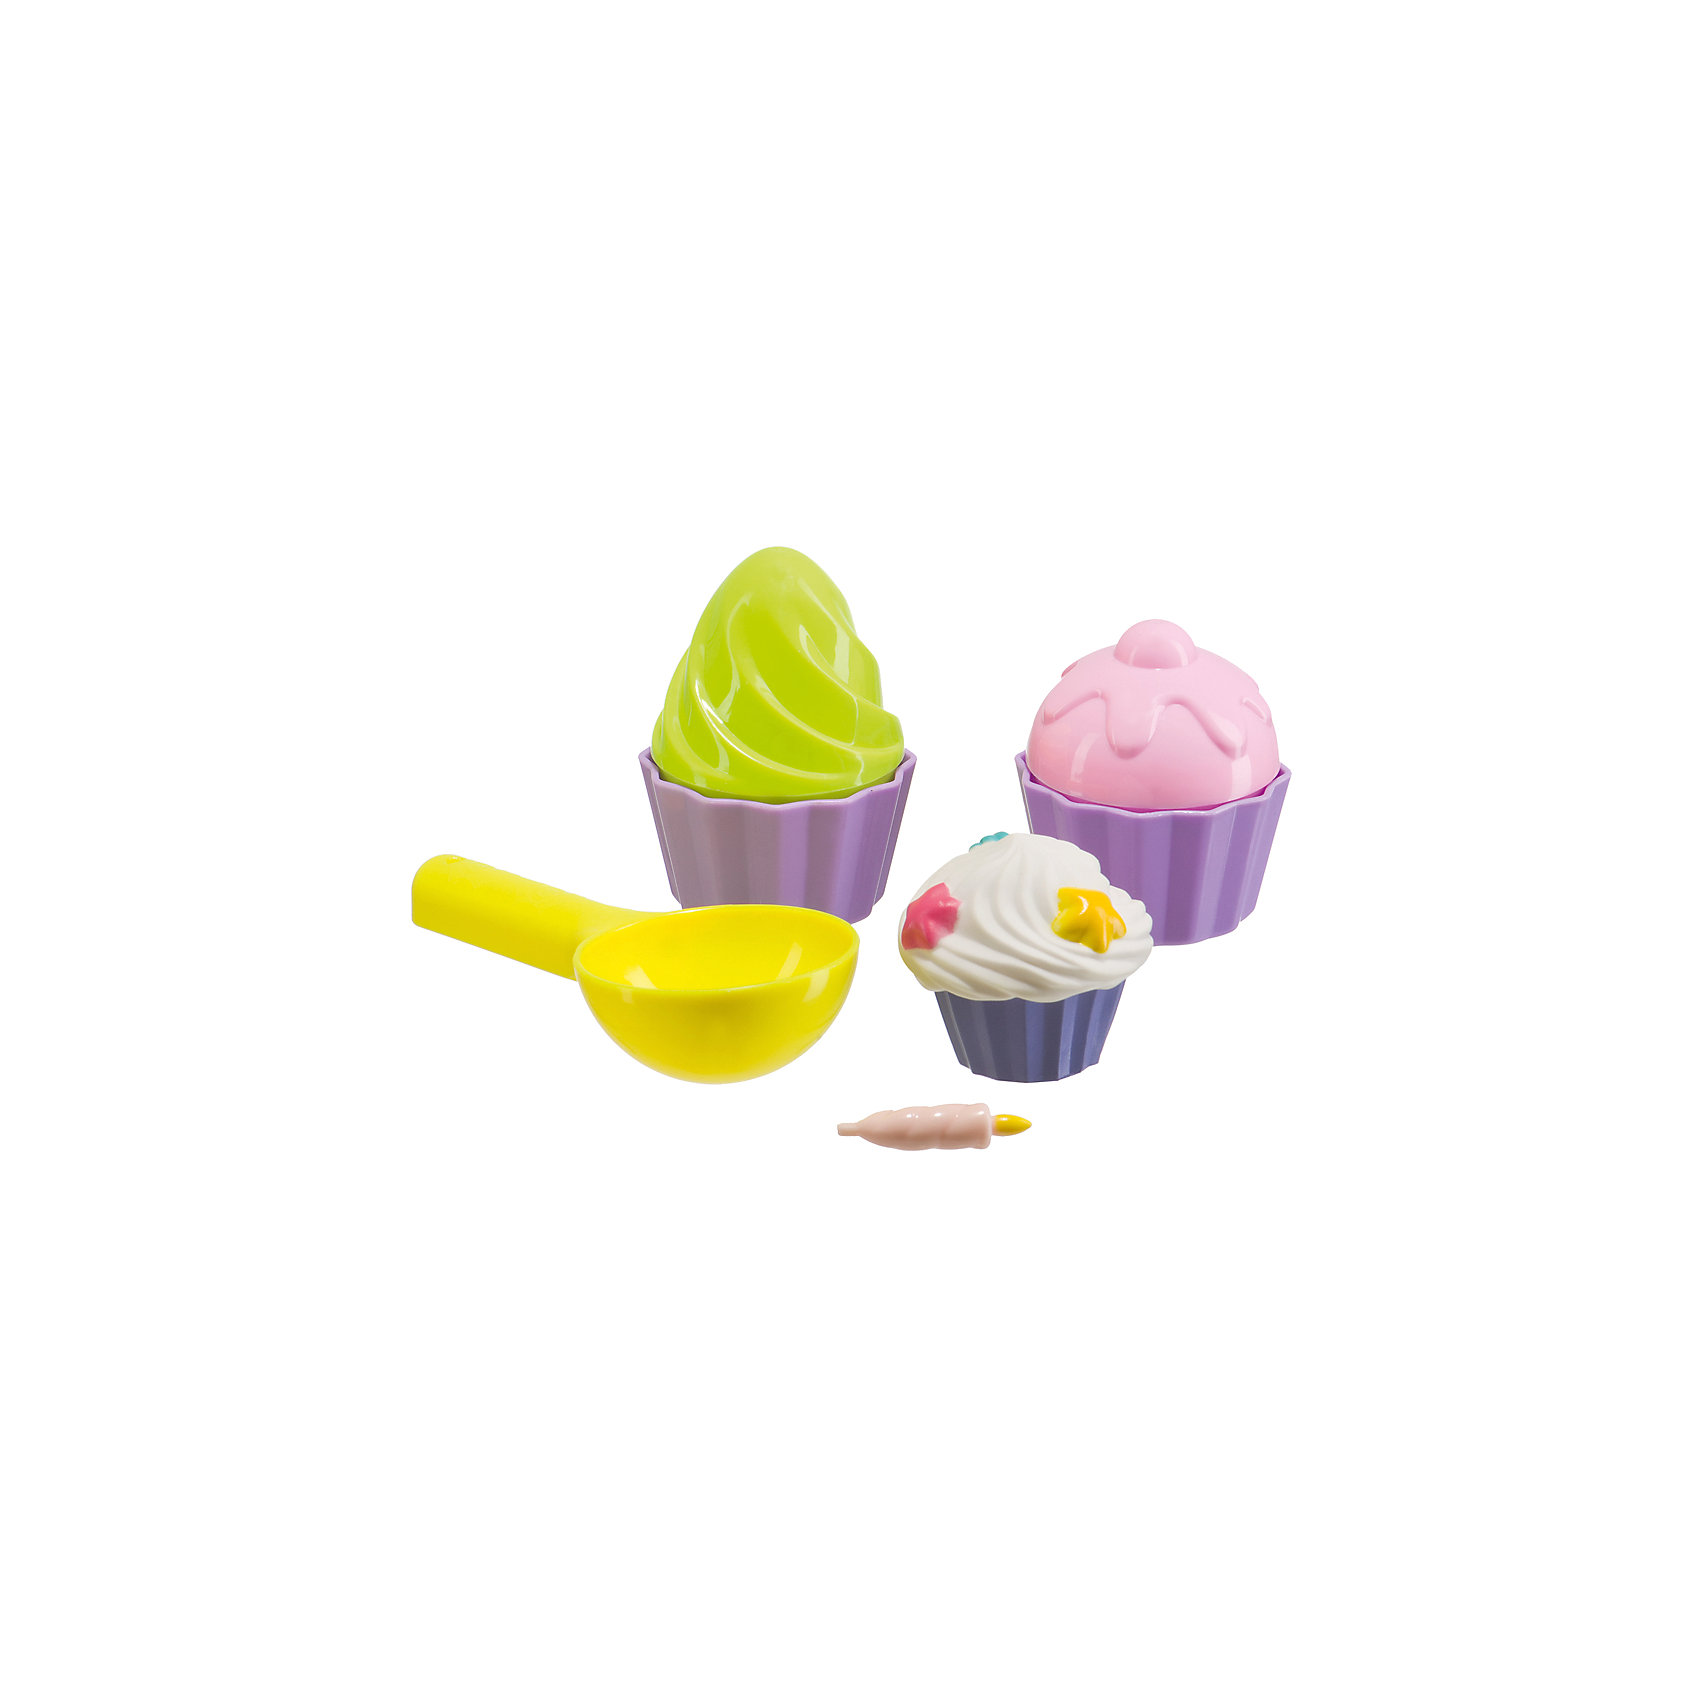 Набор для игр с песком Cake, Happy BabyИгрушки для малышей<br>Характеристики:<br><br>• состав набора: 7 предметов;<br>• комплектация: 2 разборные формочки для кексов, ложка, пирожное, свечка;<br>• материал: пластик;<br>• размер упаковки: 16,5х9х9 см;<br>• вес: 80 г.<br><br>Игровой набор для песочницы – это возможность приготовить различные пирожные из песка, угостить друзей, развить фантазию. Разборные формочки для кексов и пирожных помогут создать куличи из песка. В комплект входит игрушечная свечка – можно устроить день рождения и предложить имениннику задуть свечу. <br><br>Набор для игр с песком Cake, Happy Baby можно купить в нашем интернет-магазине.<br><br>Ширина мм: 90<br>Глубина мм: 90<br>Высота мм: 165<br>Вес г: 80<br>Возраст от месяцев: 36<br>Возраст до месяцев: 2147483647<br>Пол: Унисекс<br>Возраст: Детский<br>SKU: 6679319